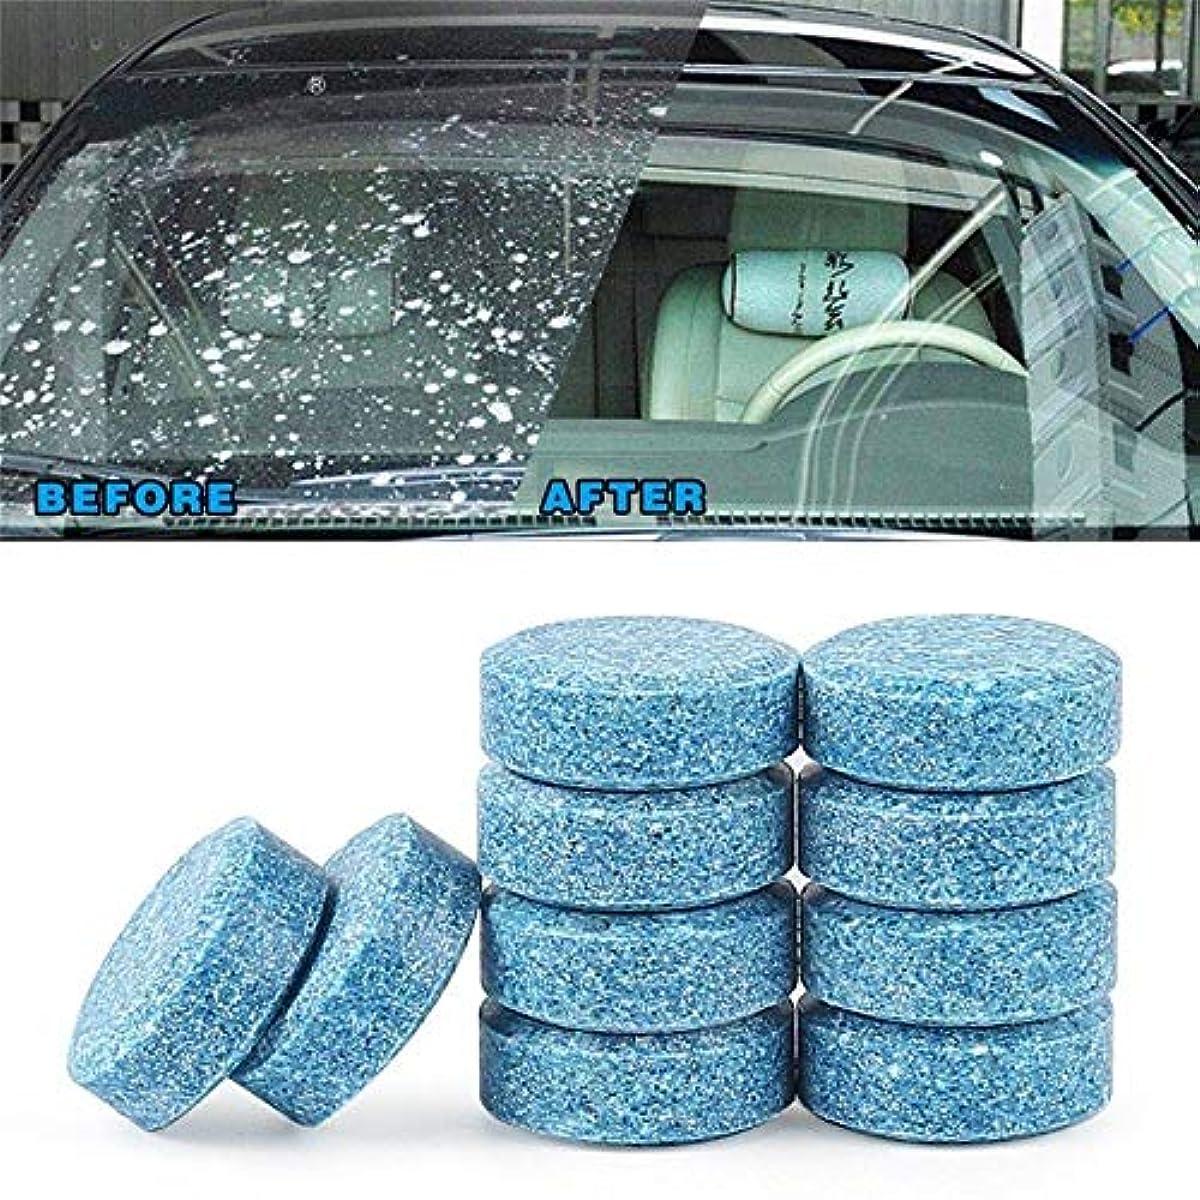 銛いつでも過半数10 PC車のフロントガラスクリーニング車の窓ガラスクリーナー車固体ワイパー罰金ワイパー車自動ウィンドウクリーニング